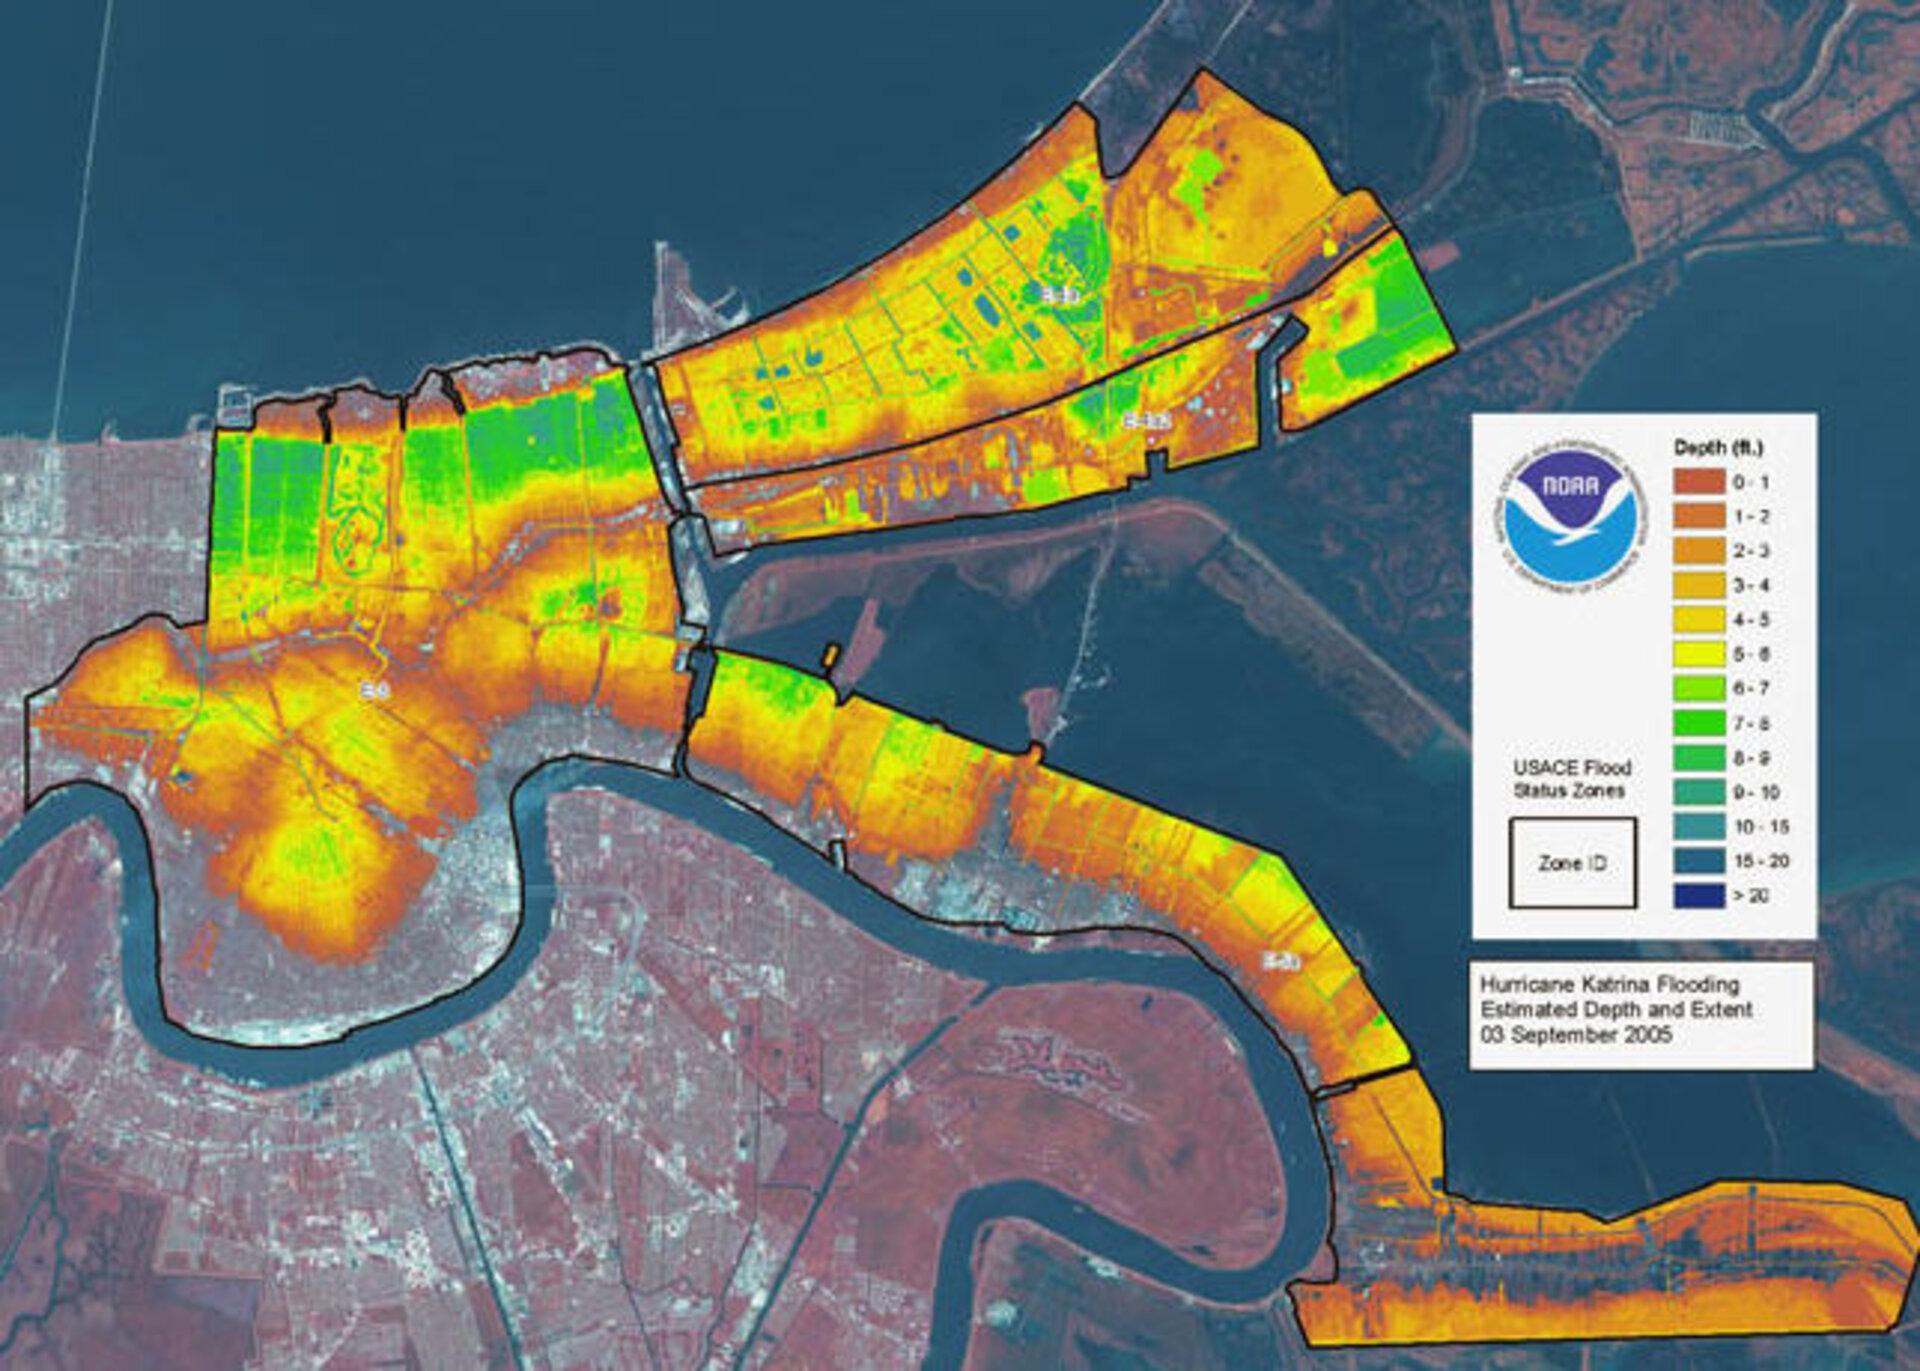 new orleans flooding katrina map Esa Lidar Map Of New Orleans Flooding Caused By Hurricane new orleans flooding katrina map